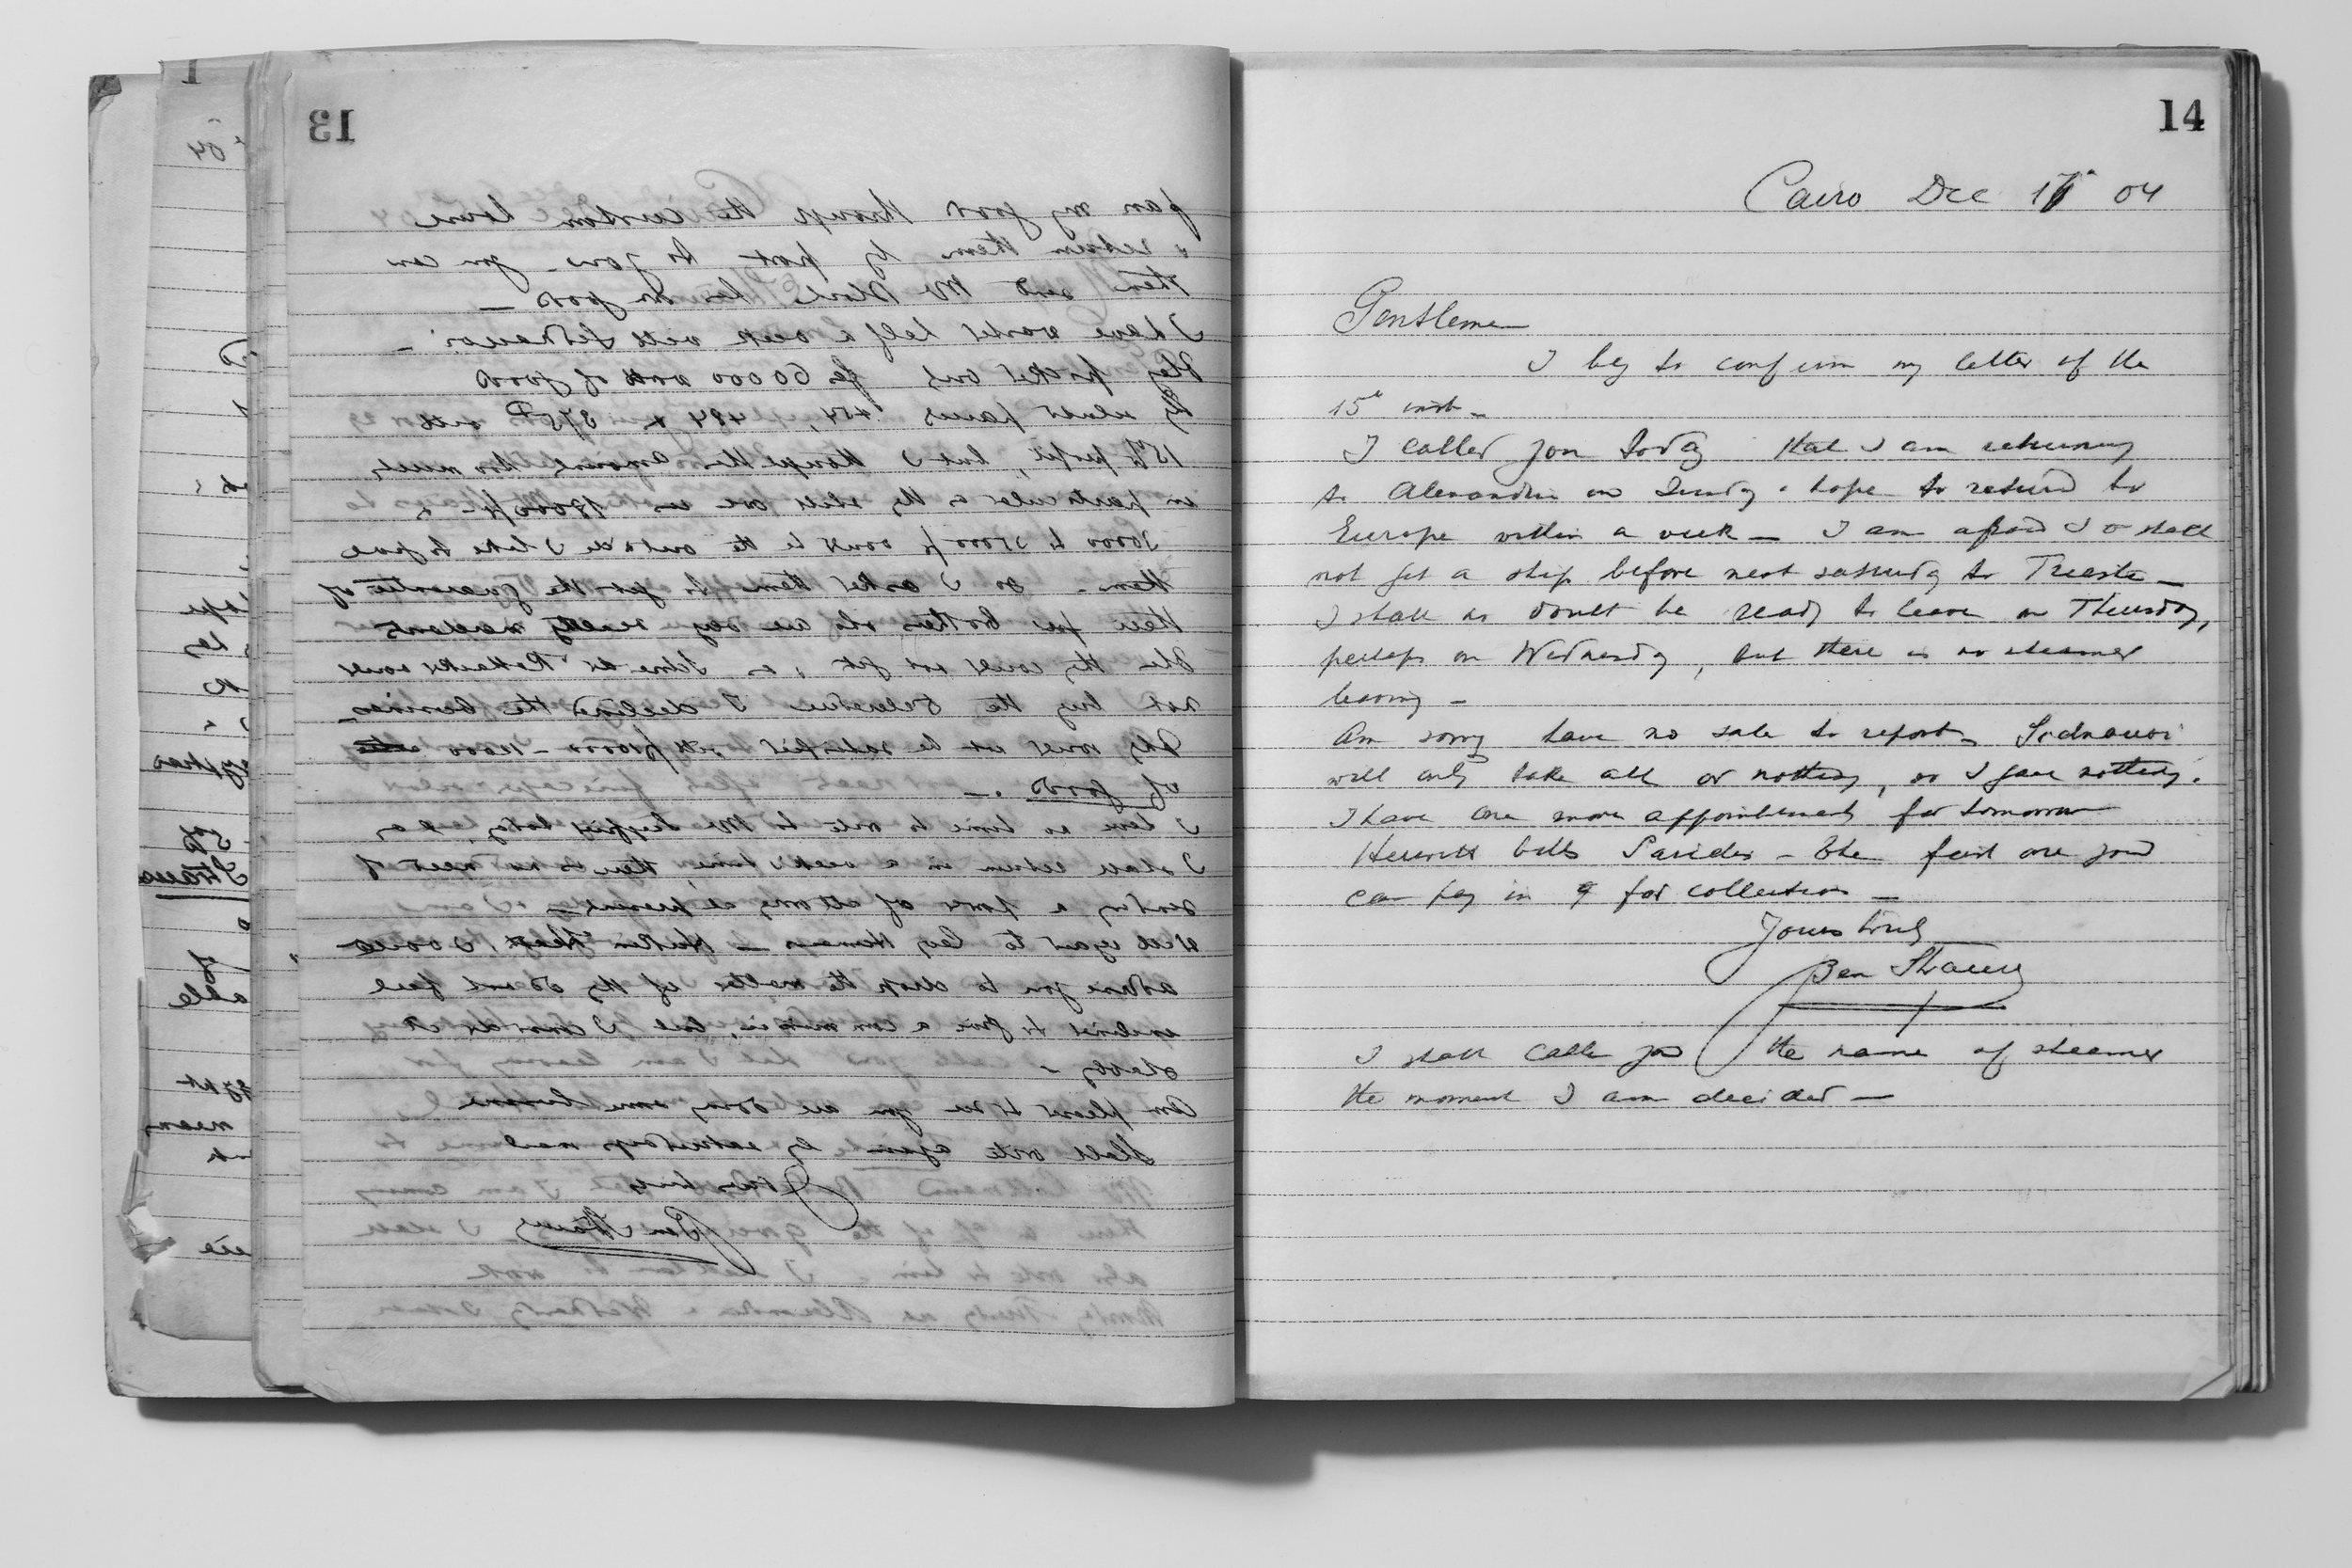 Egyptian Correspondence, Cairo, December, 1904